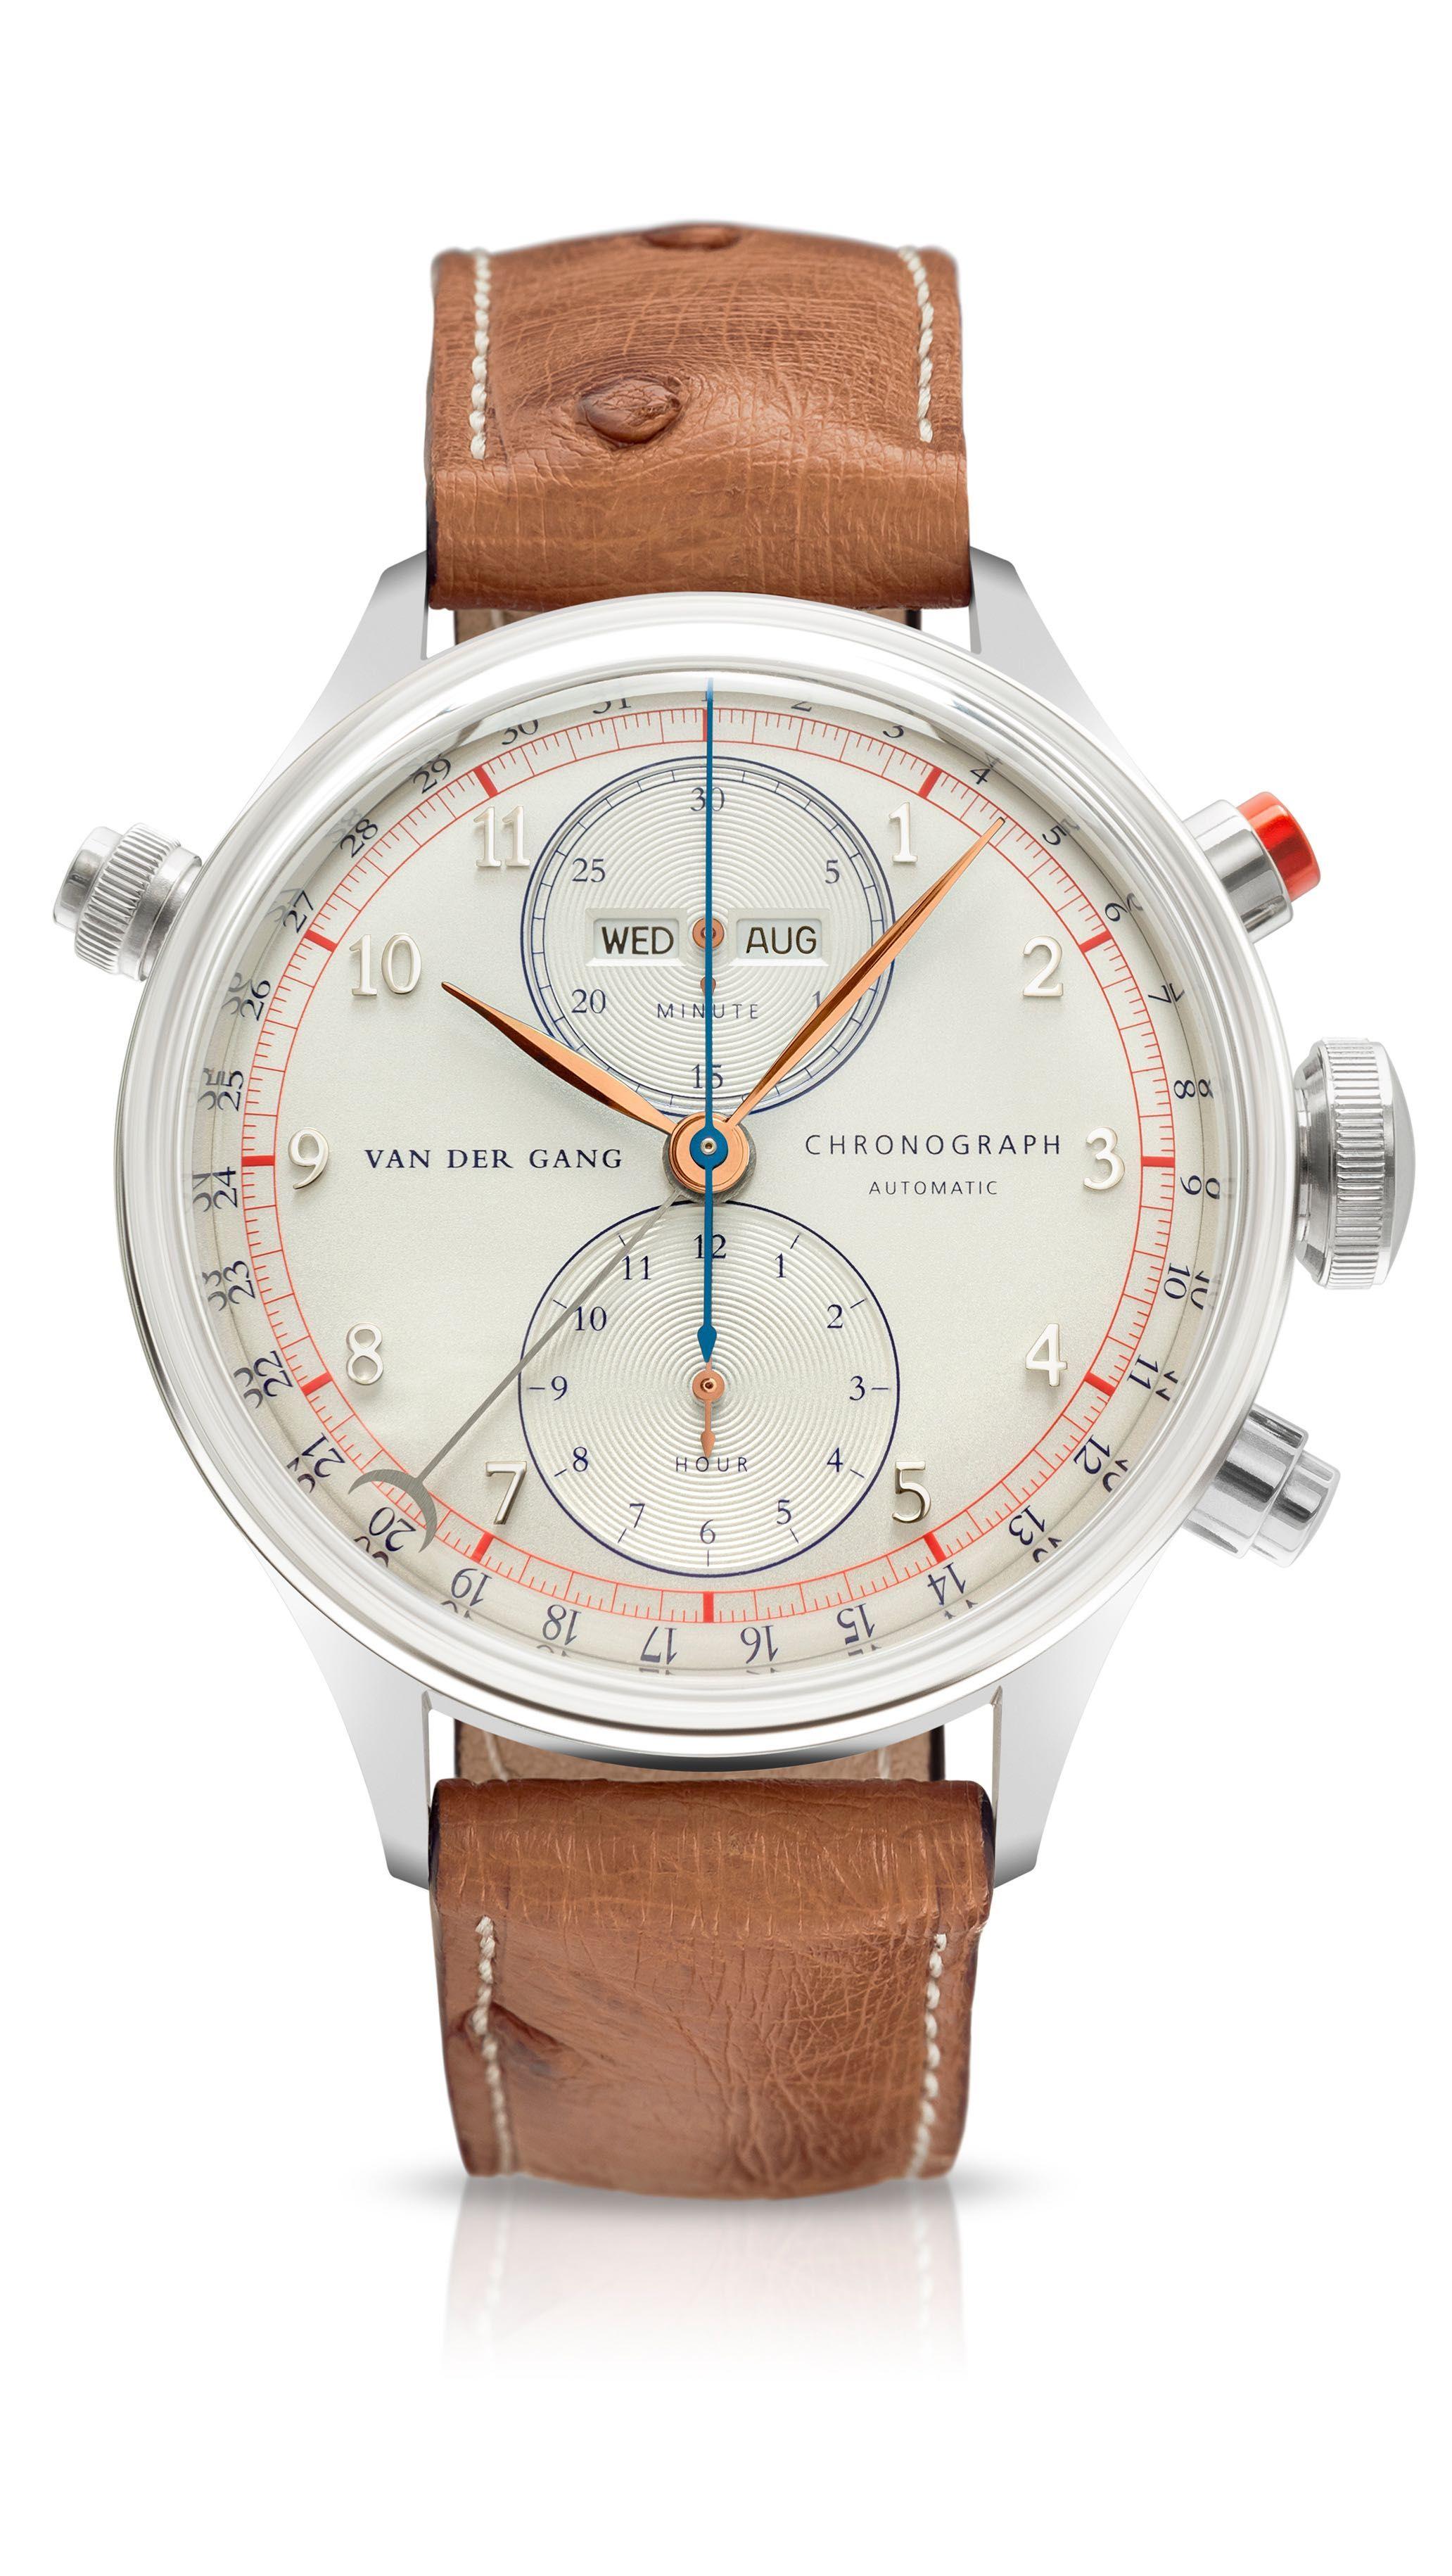 727c5a7d99b Paul Walker Wears Jaeger Lecoultre Deep Sea Automatic Wrist Watch in  Furious 7